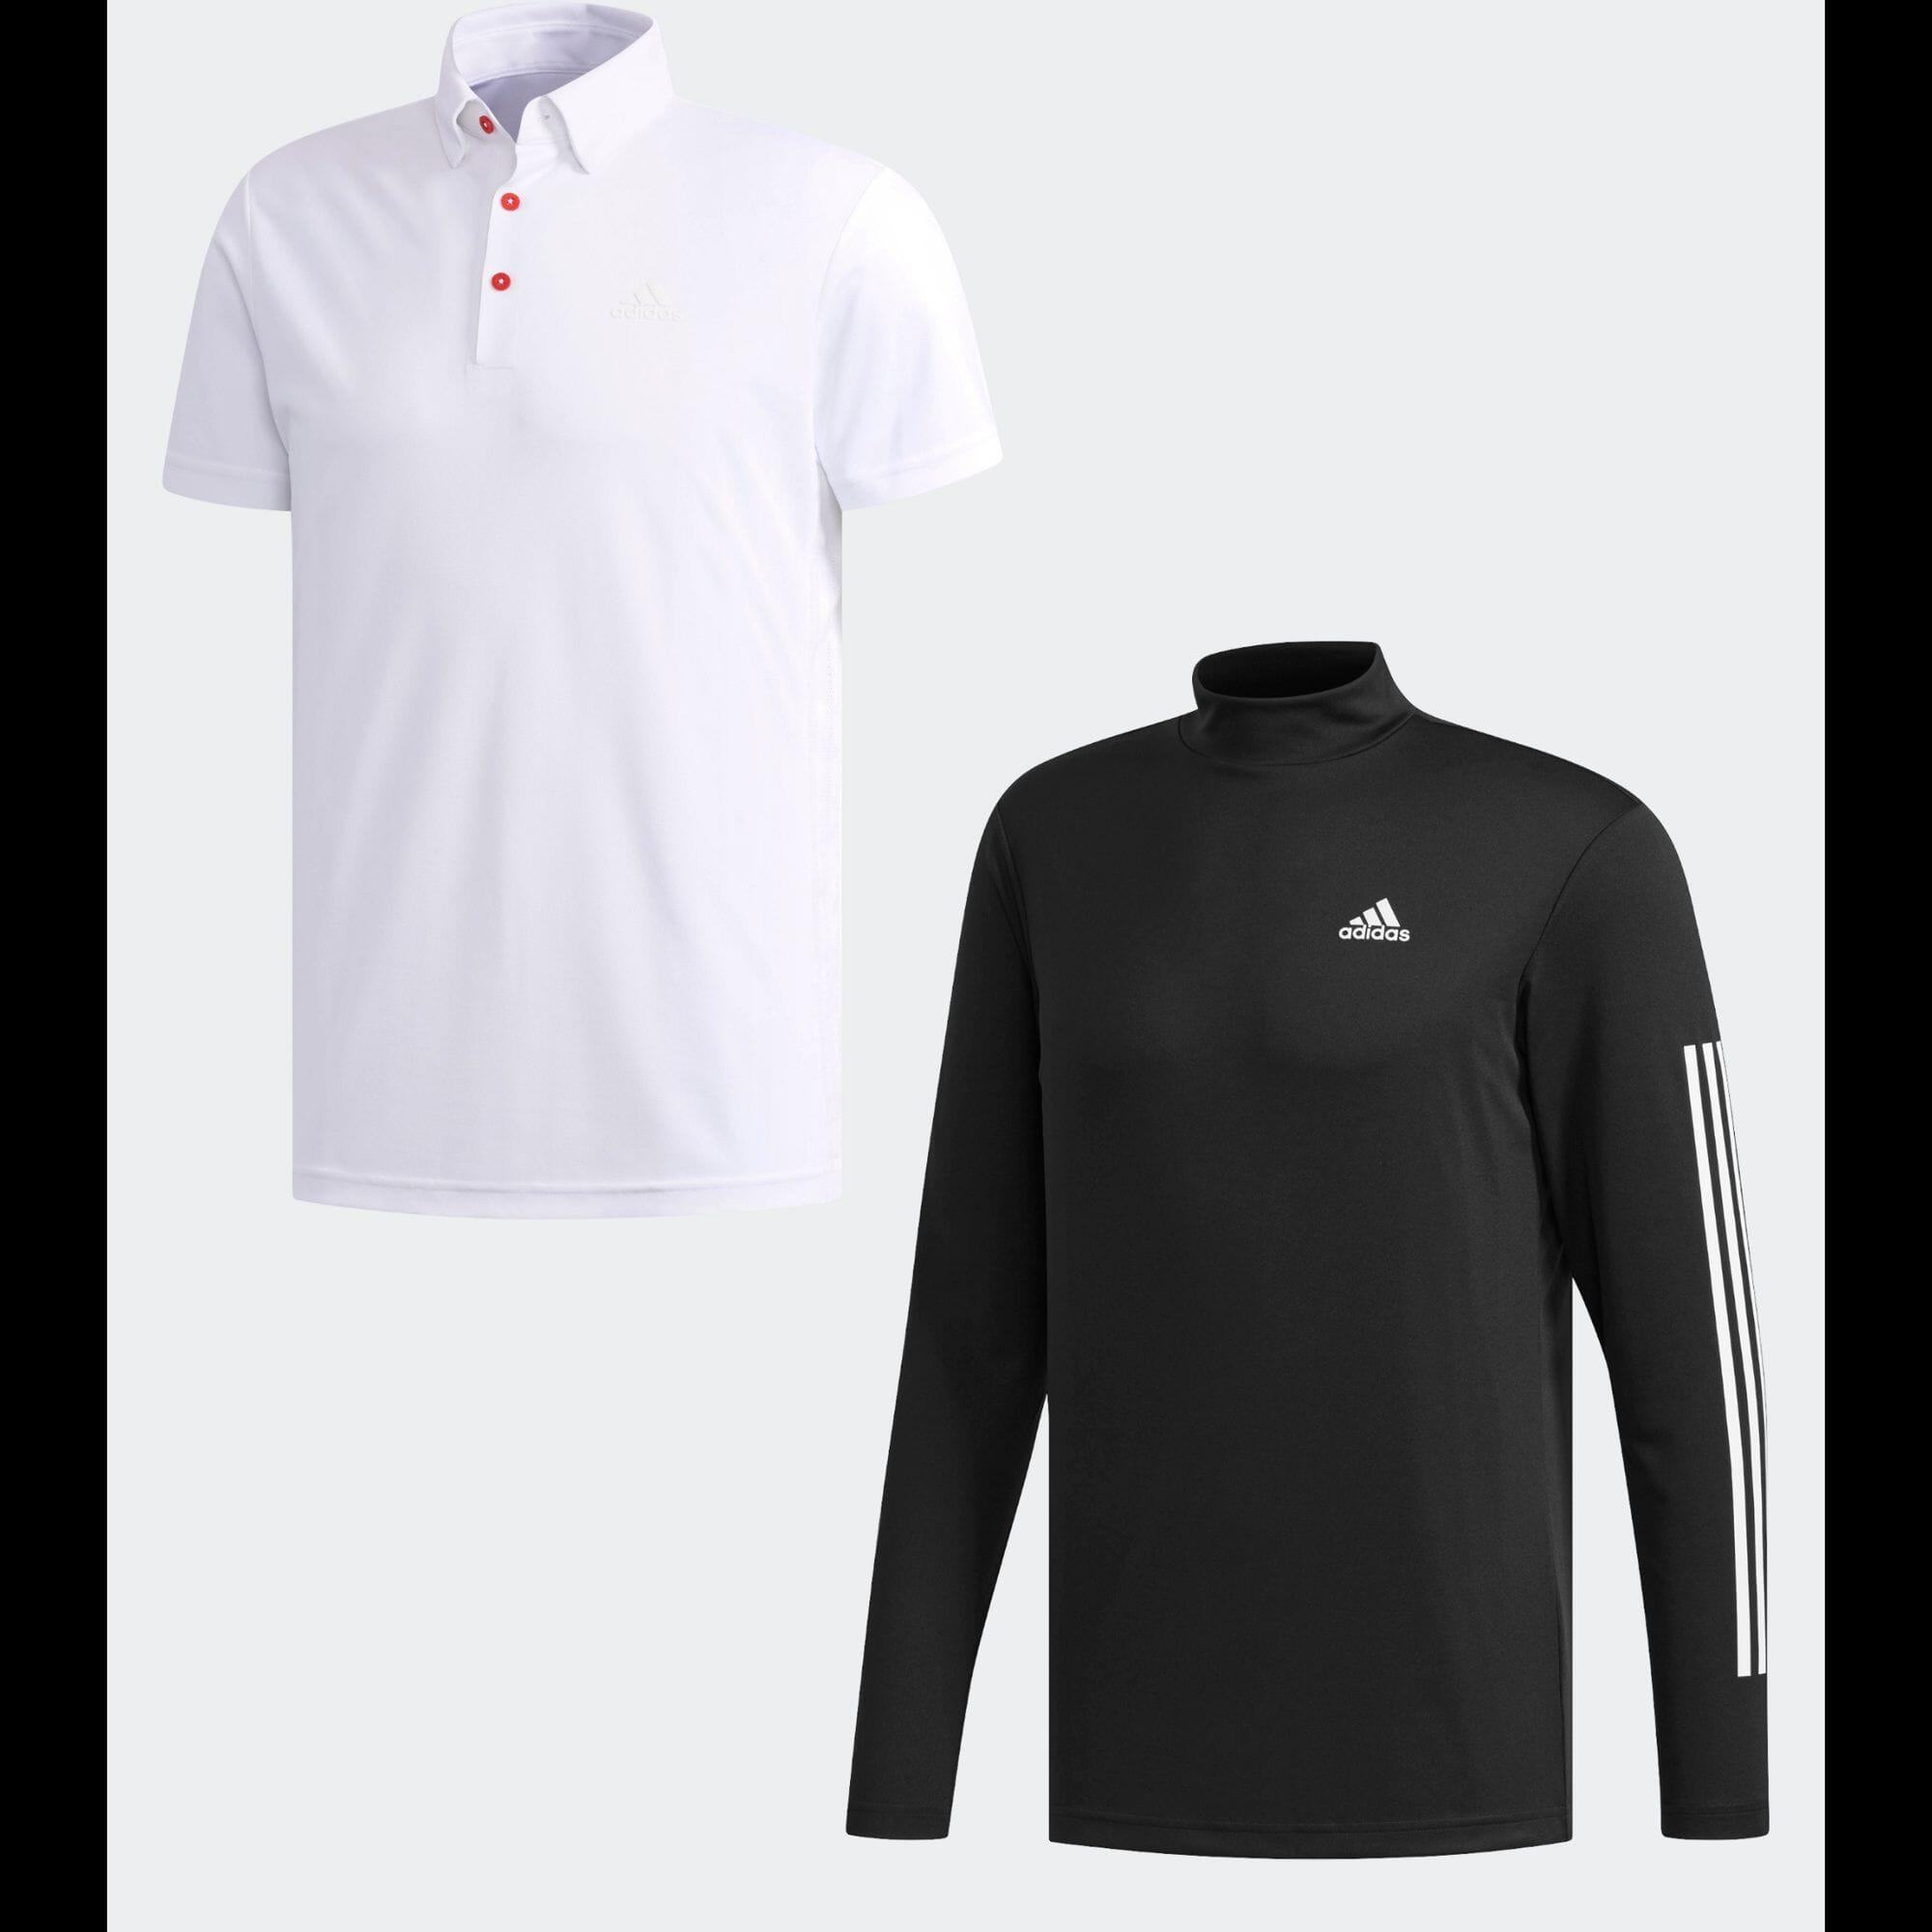 スリーストライプス レイヤードボタンダウンシャツ 【ゴルフ】